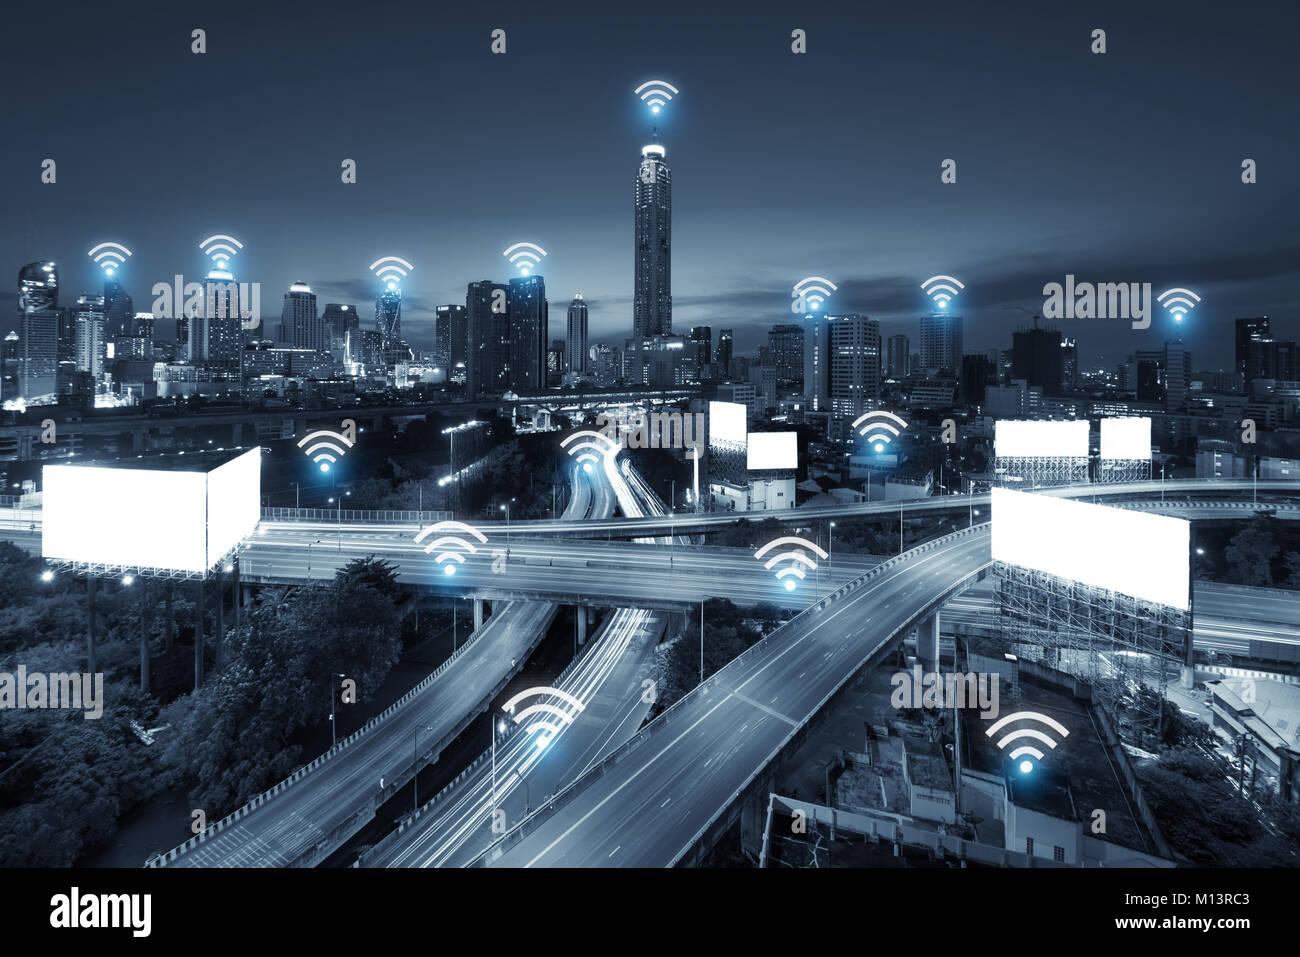 Red Wifi business conection sistema en la ciudad de Bangkok en el fondo. La tecnología Wifi y conection concepto Imagen De Stock